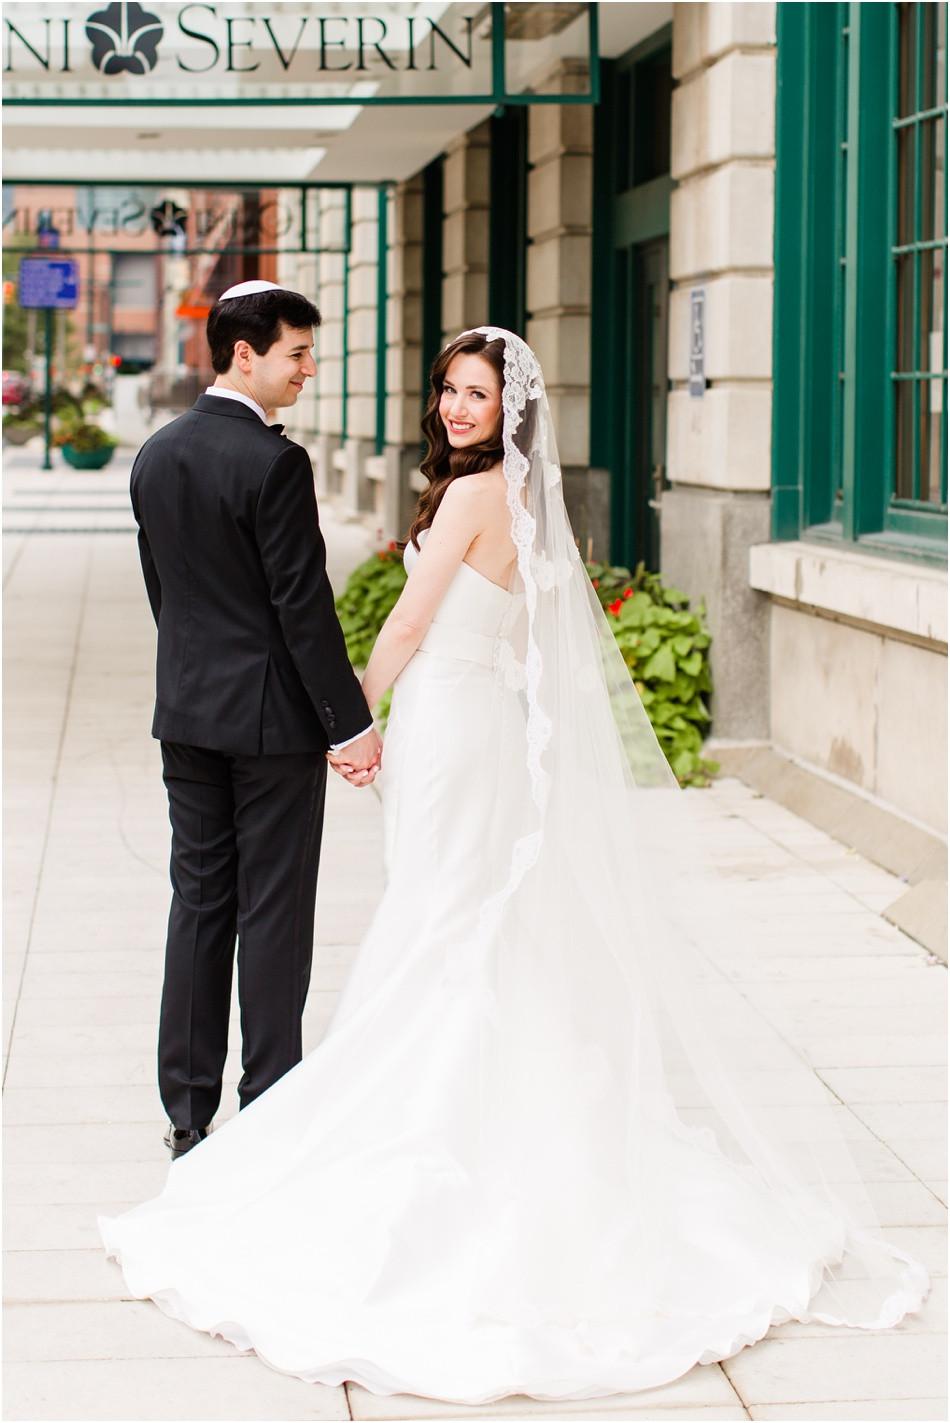 Omni-Wedding-Indianapolis